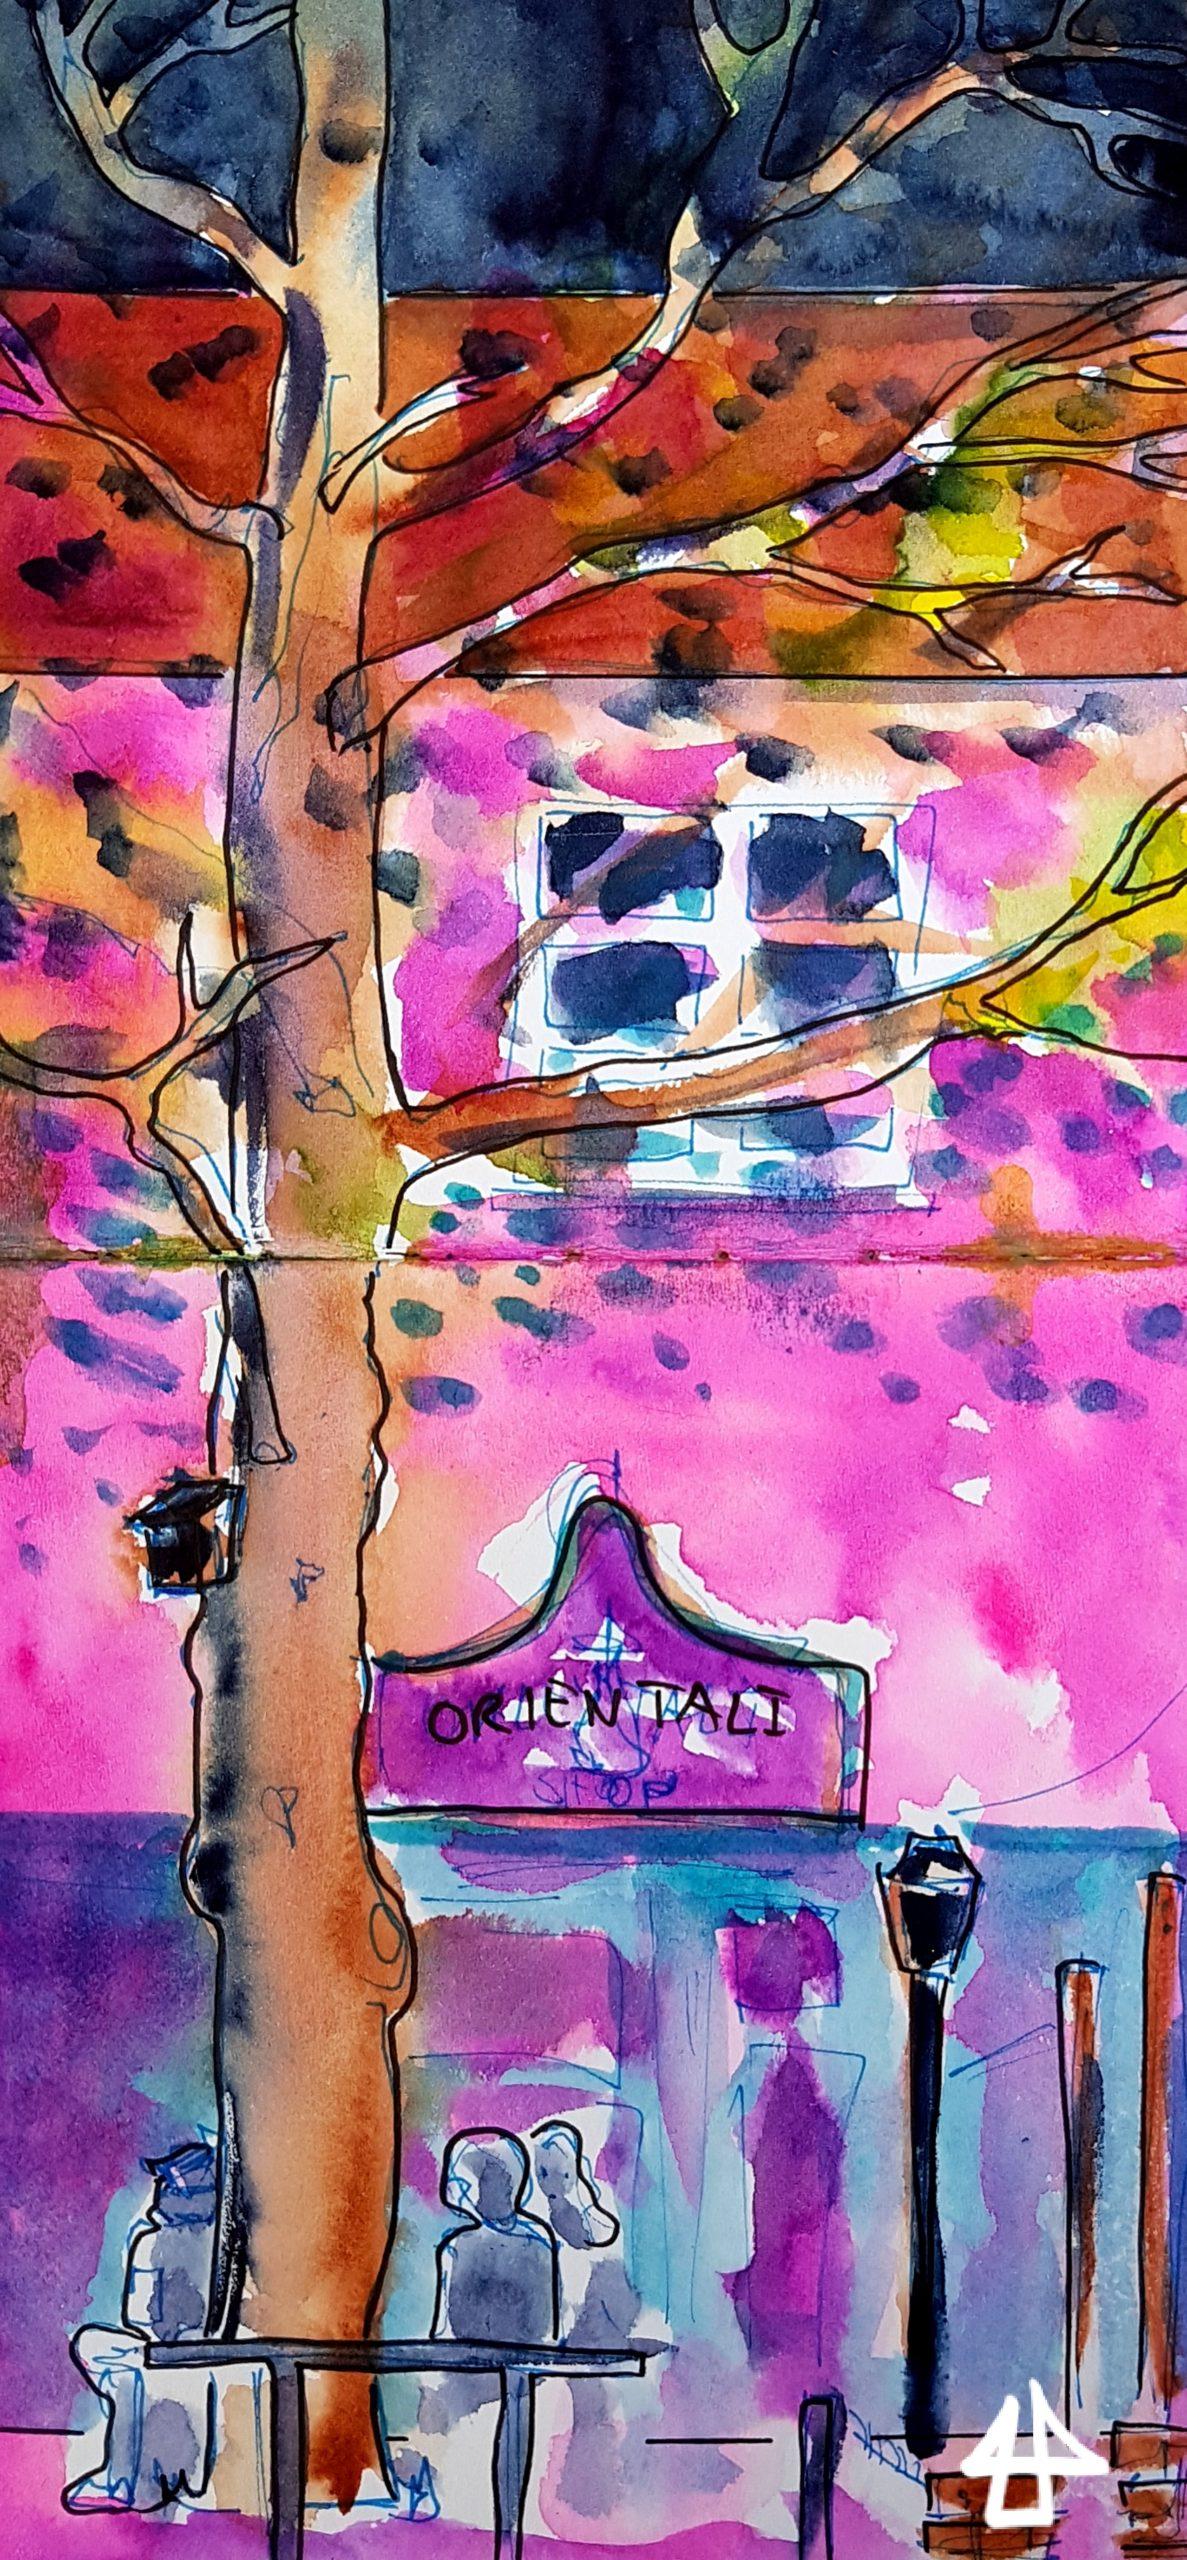 Zeichnung mit Fineliner und Aquarell: Großer Baum, Menschen die sich unterhalten und ein Haus mit Geschäft im Erdgeschoss, alles abendlicher bunt beleuchteter Atmosphäre.